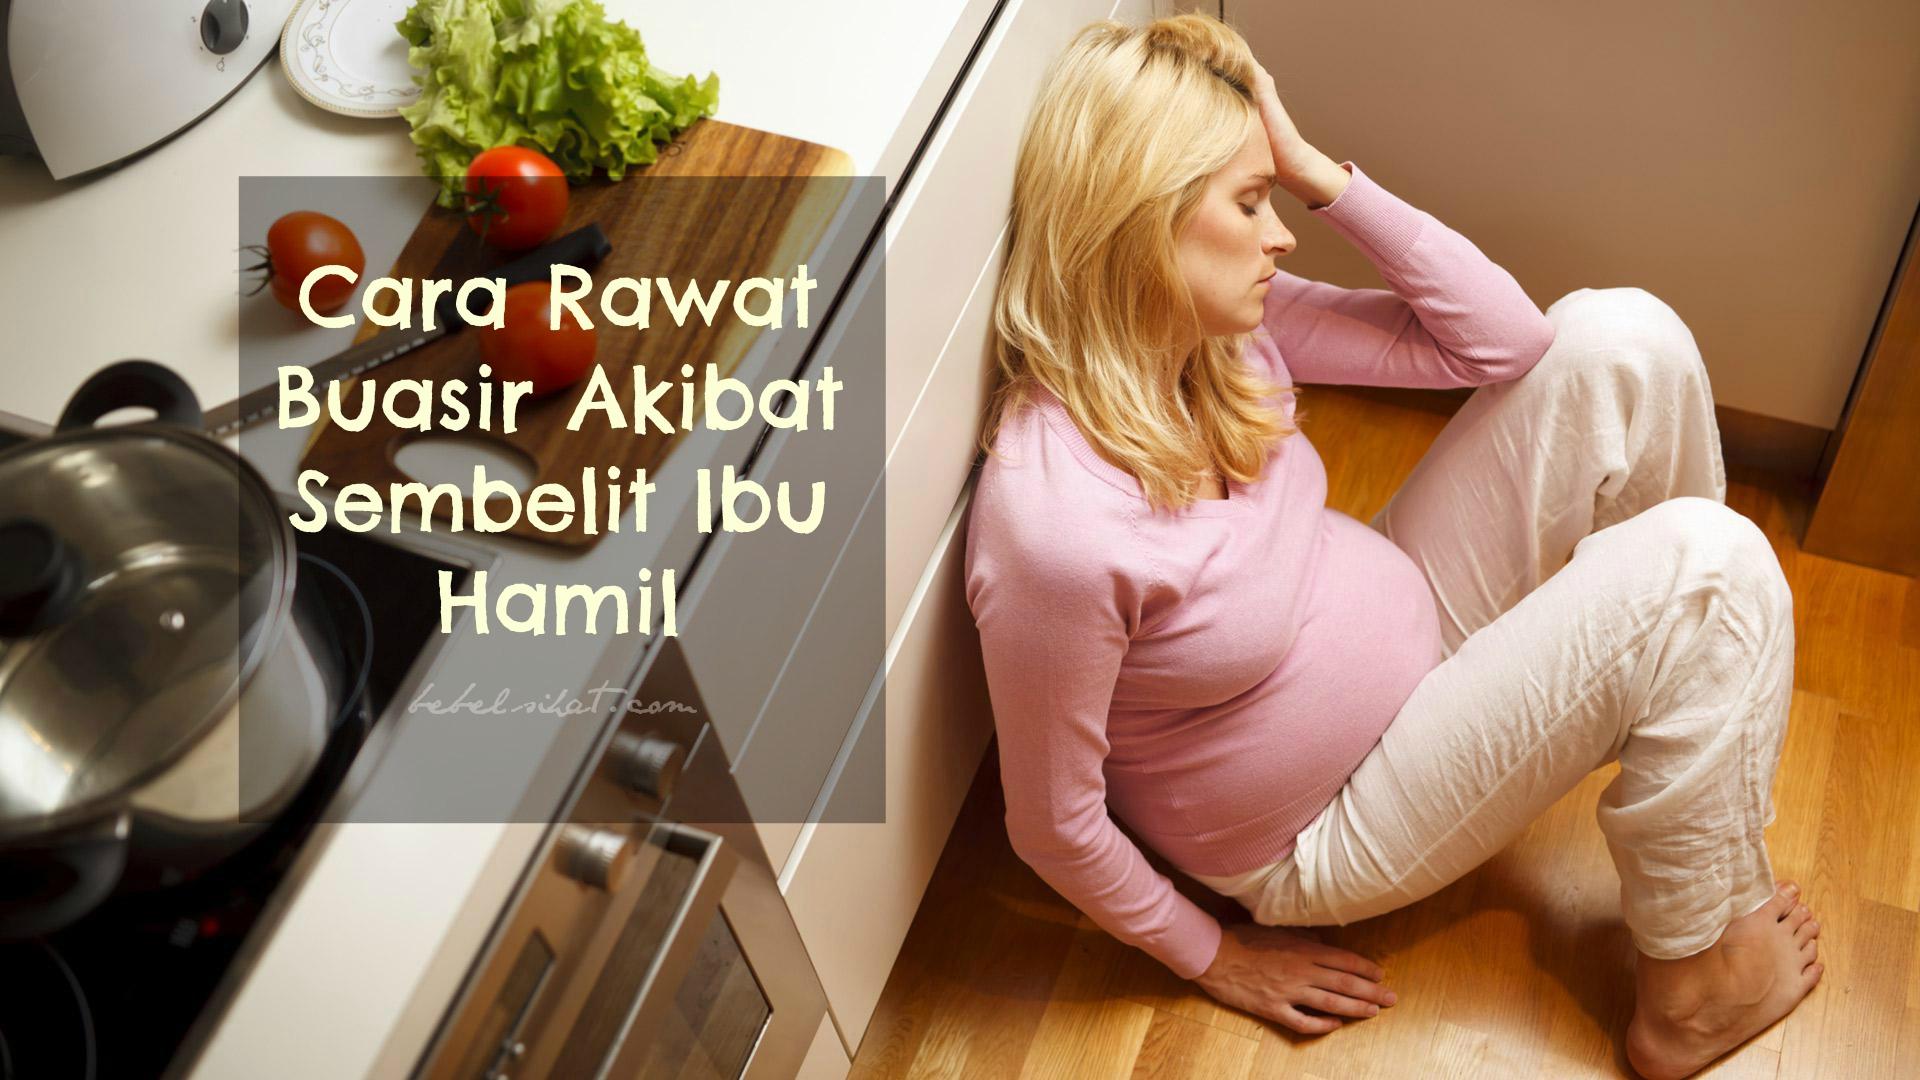 Cara Rawat Buasir Akibat Sembelit Ibu Hamil